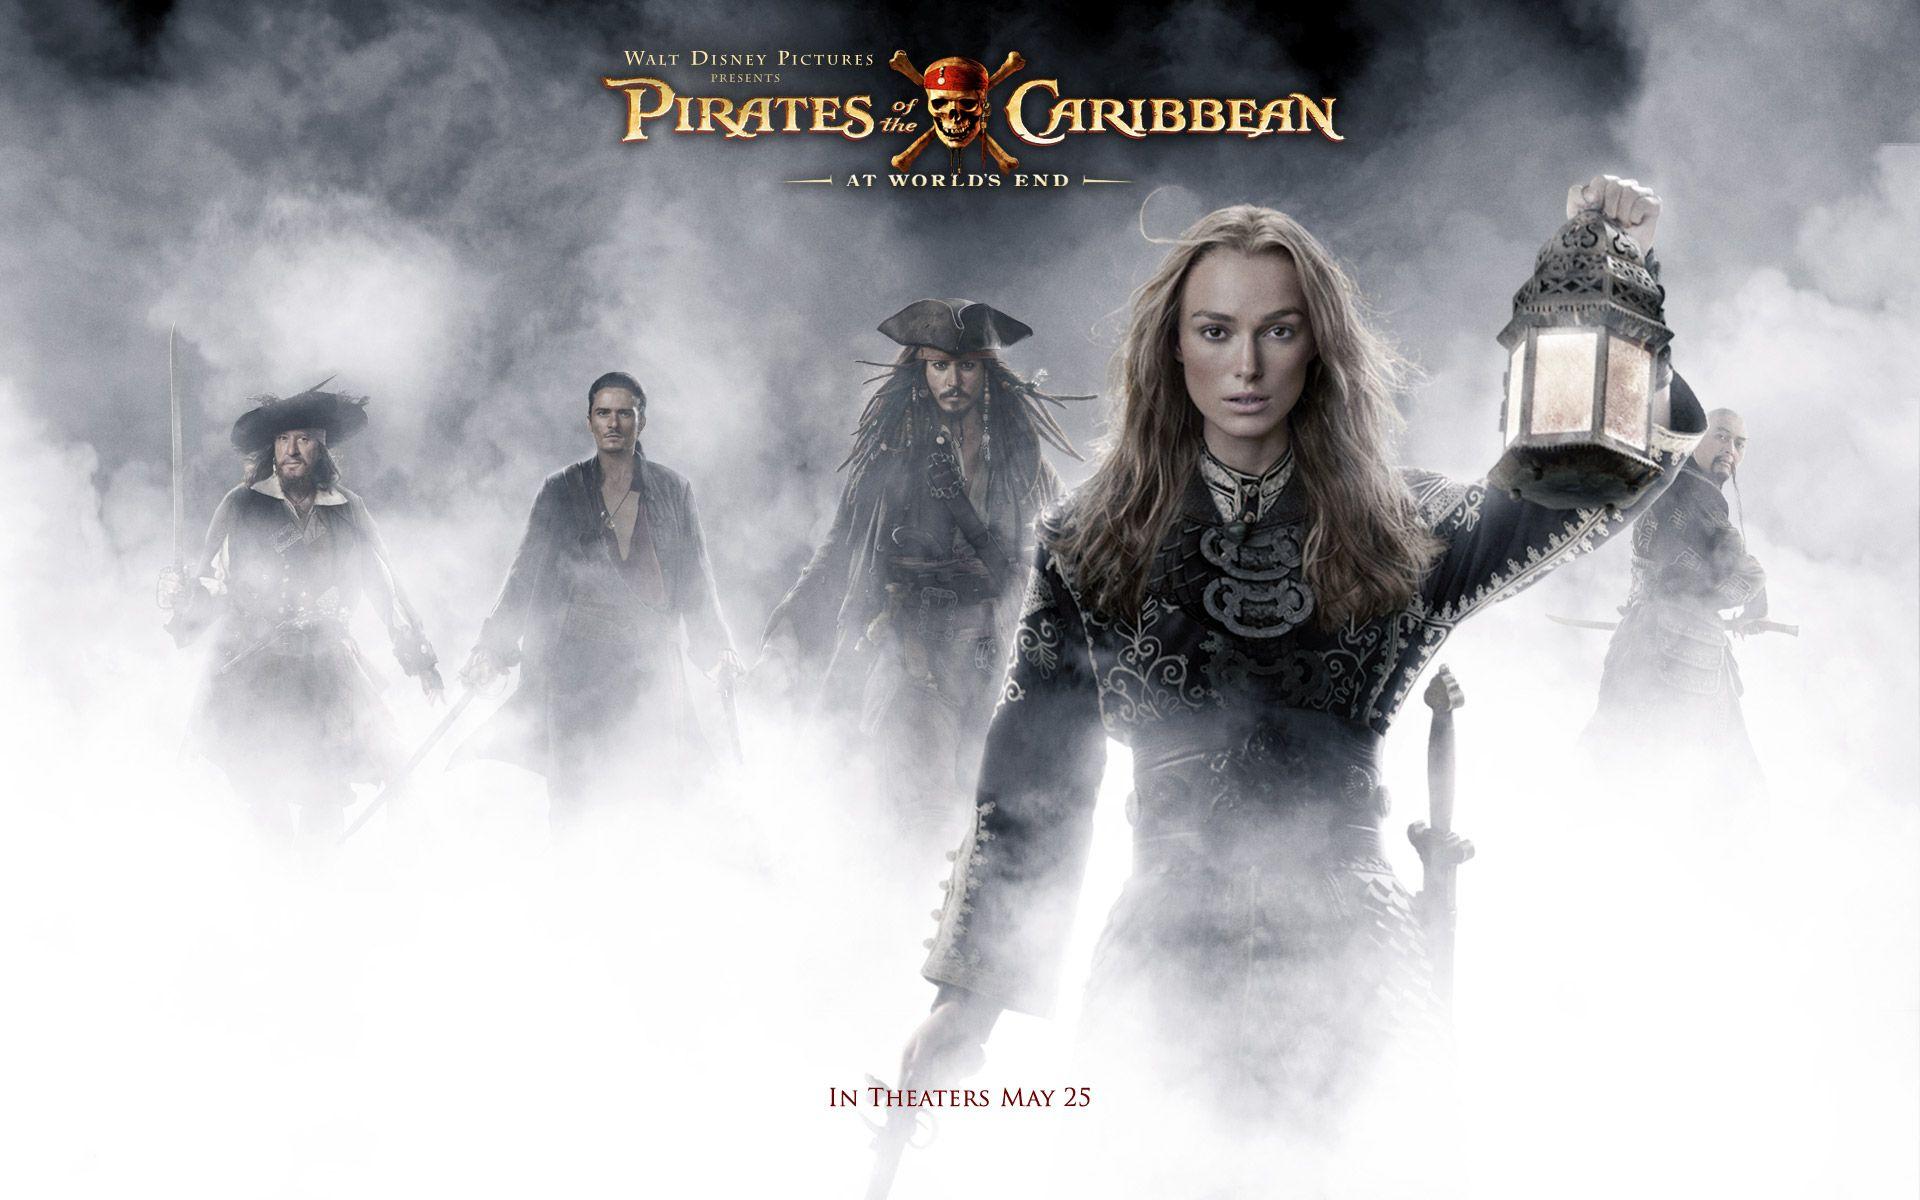 Piratas Del Caribe 3 En El Fin Del Mundo Piratesofthecaribbean Piratasdelcaribe Atworldsend Piratas Del Caribe 3 Piratas Del Caribe Fin Del Mundo